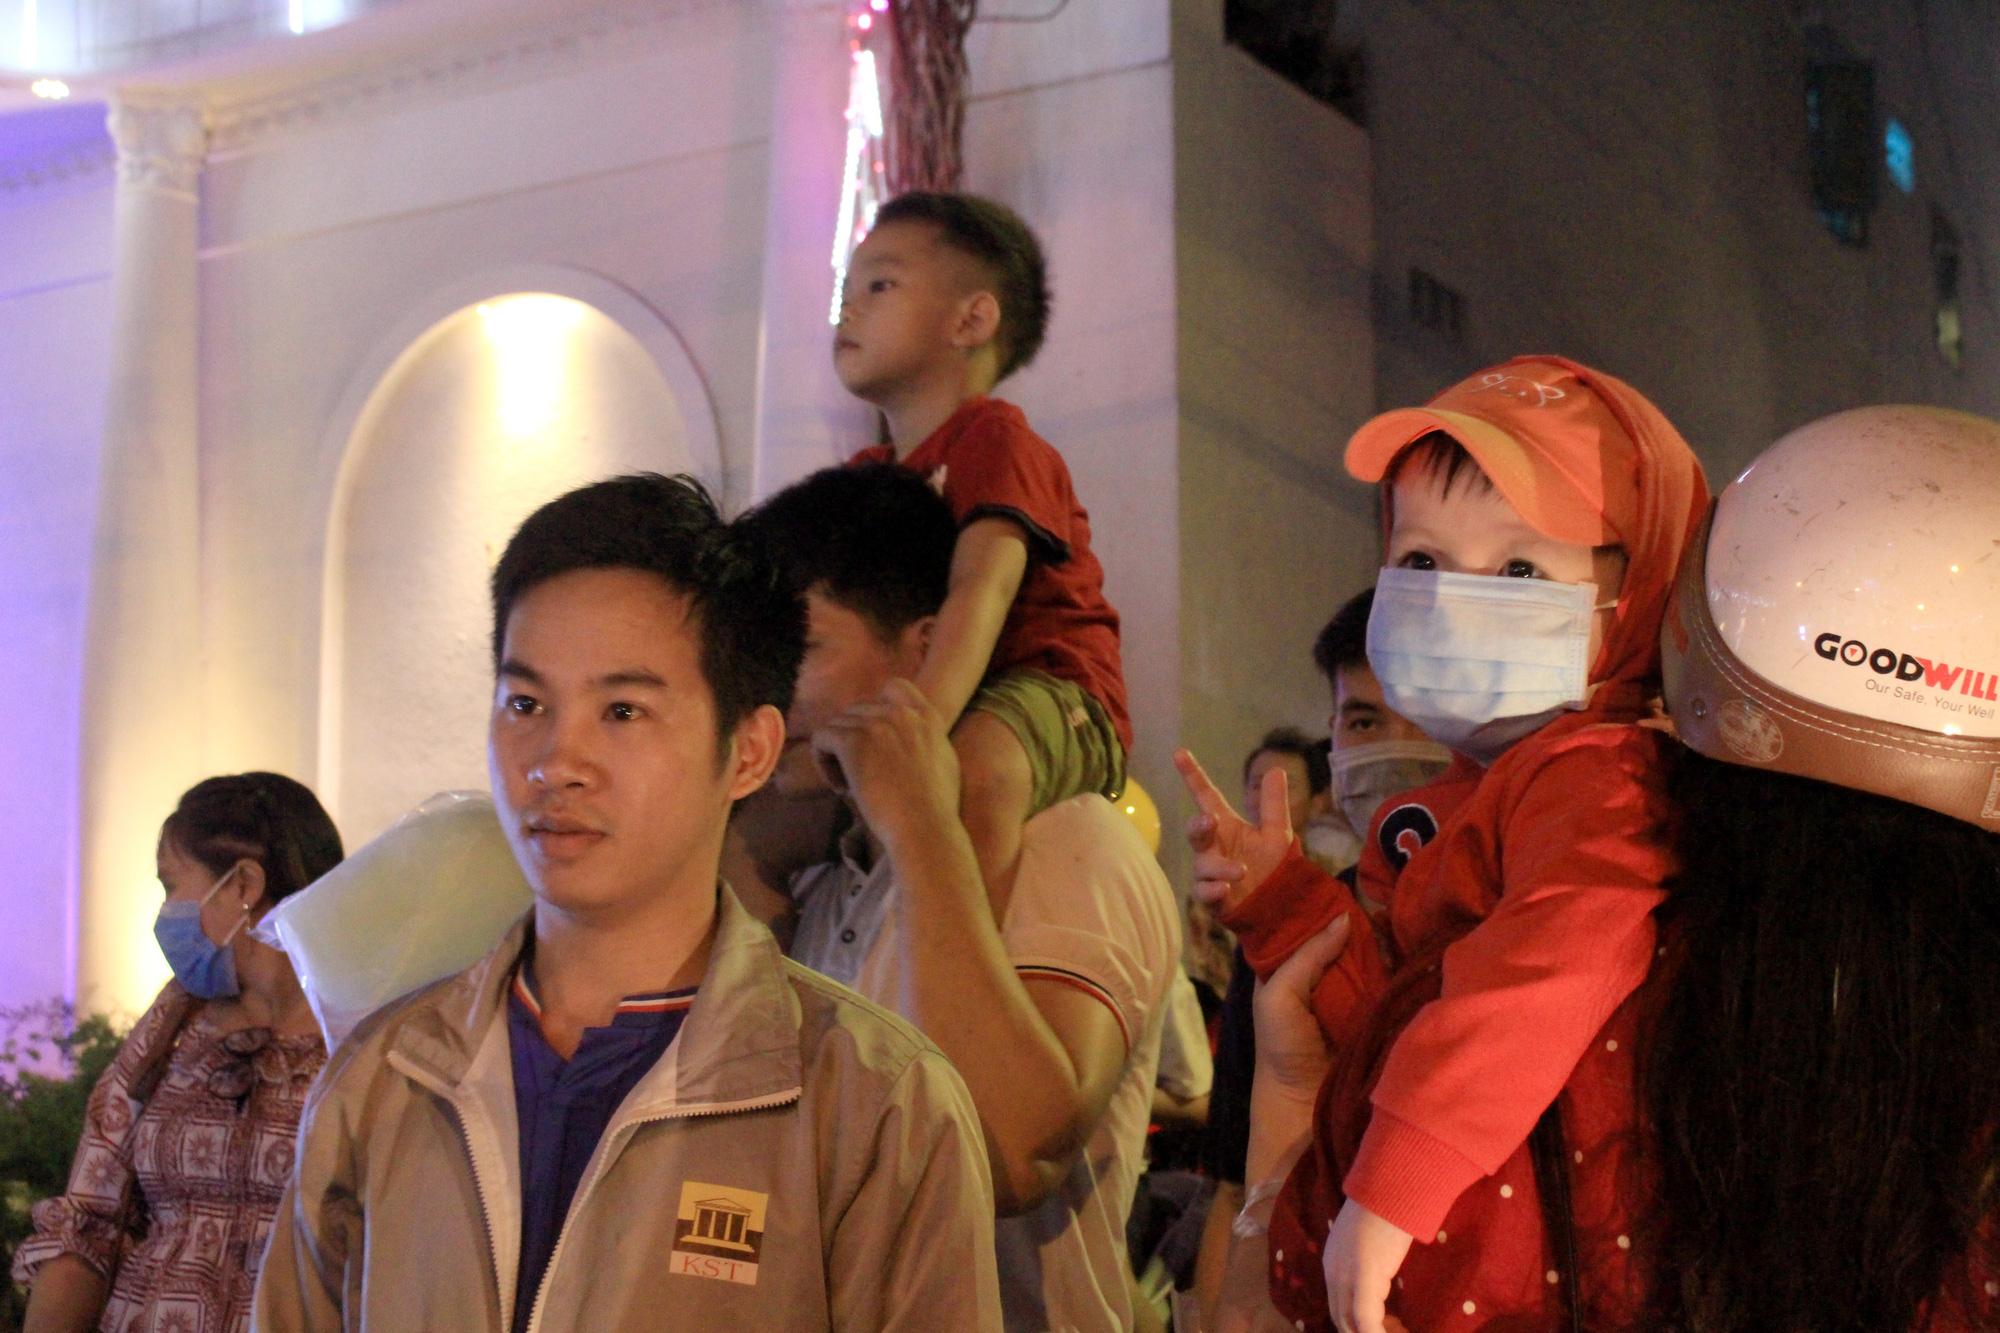 Đường Sài Gòn tắc nghẽn, người dân đổ xô đi chơi Giáng sinh - Ảnh 9.